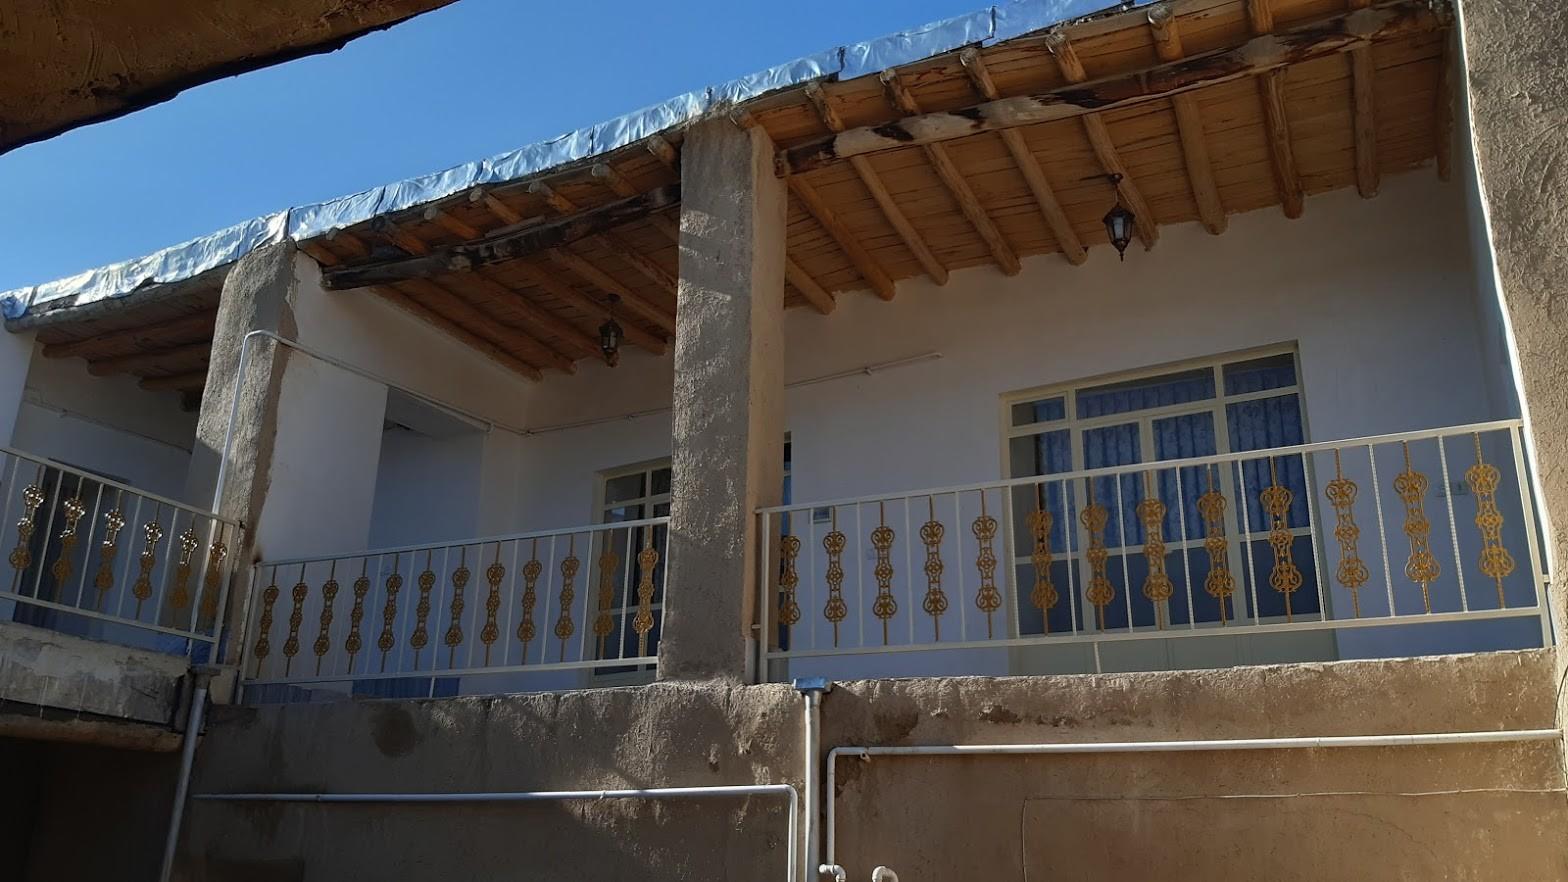 بوم گردی اتاق سنتی در هزاوه اراک